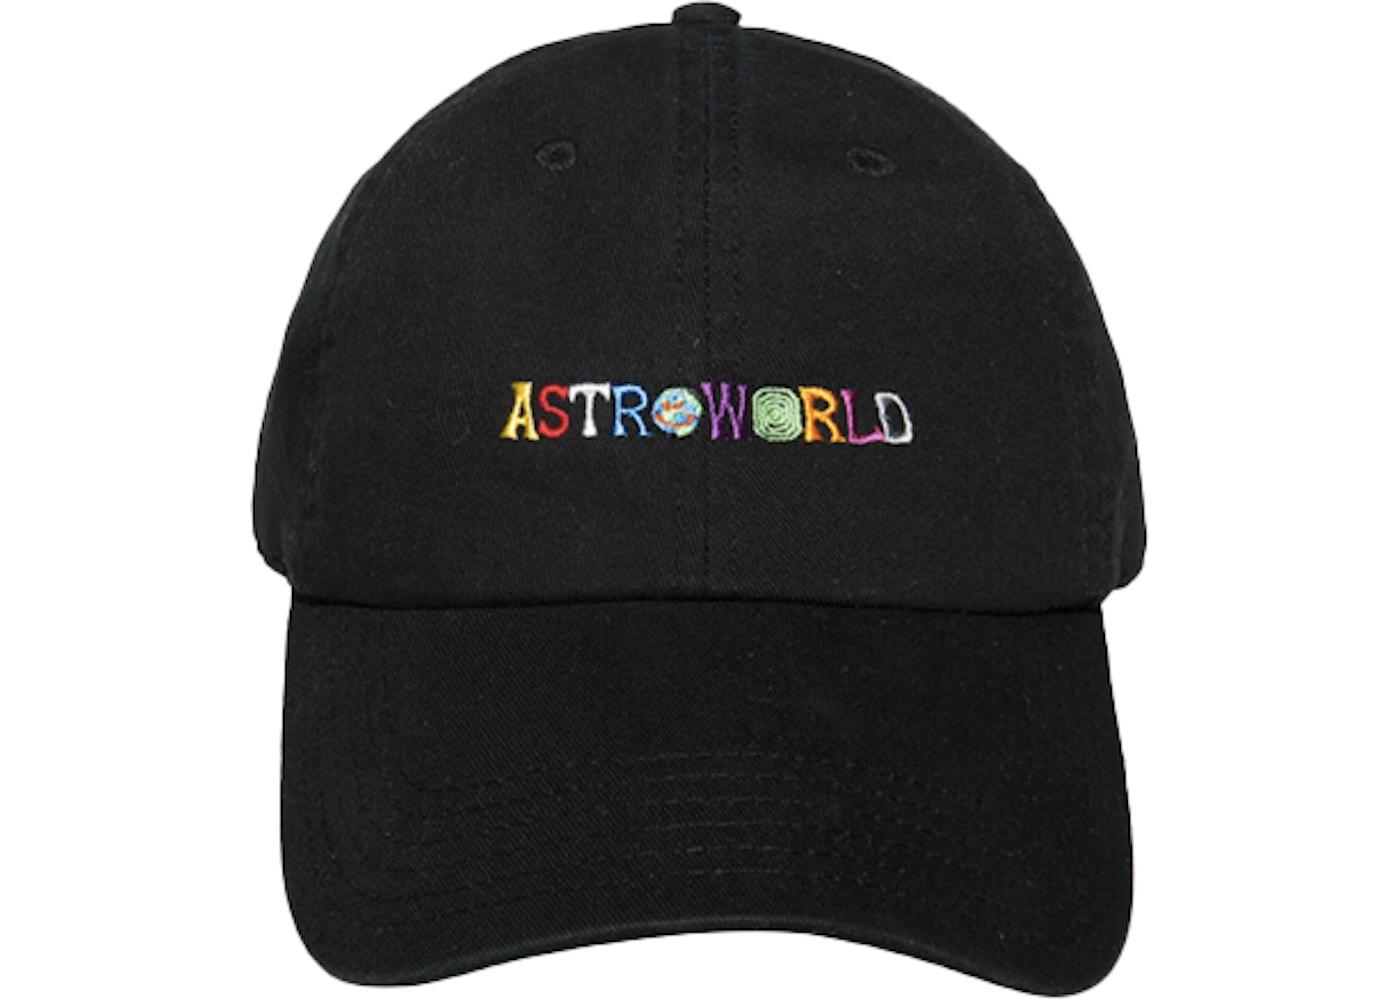 15258c8a Travis Scott Astroworld Hat Black. Astroworld